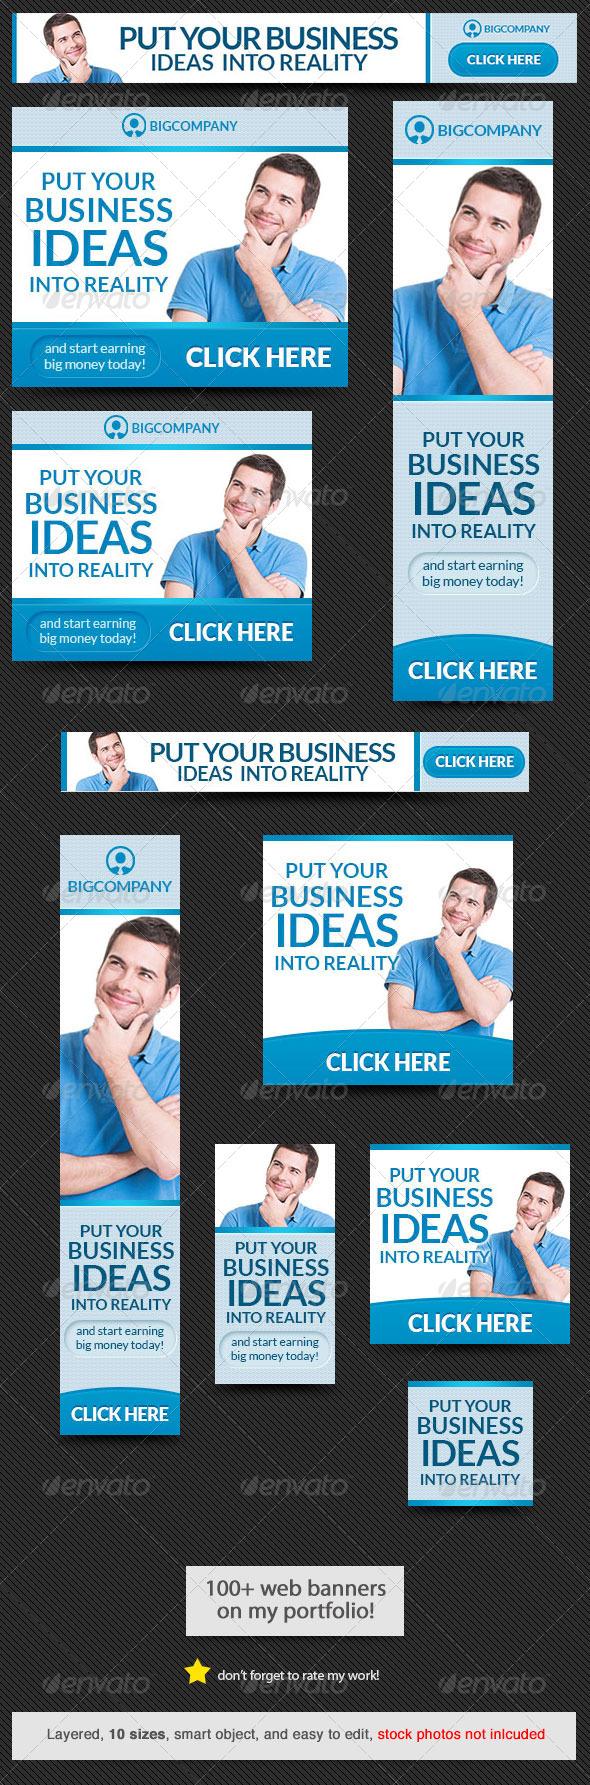 GraphicRiver Corporate Web Banner Design Template 43 8173915